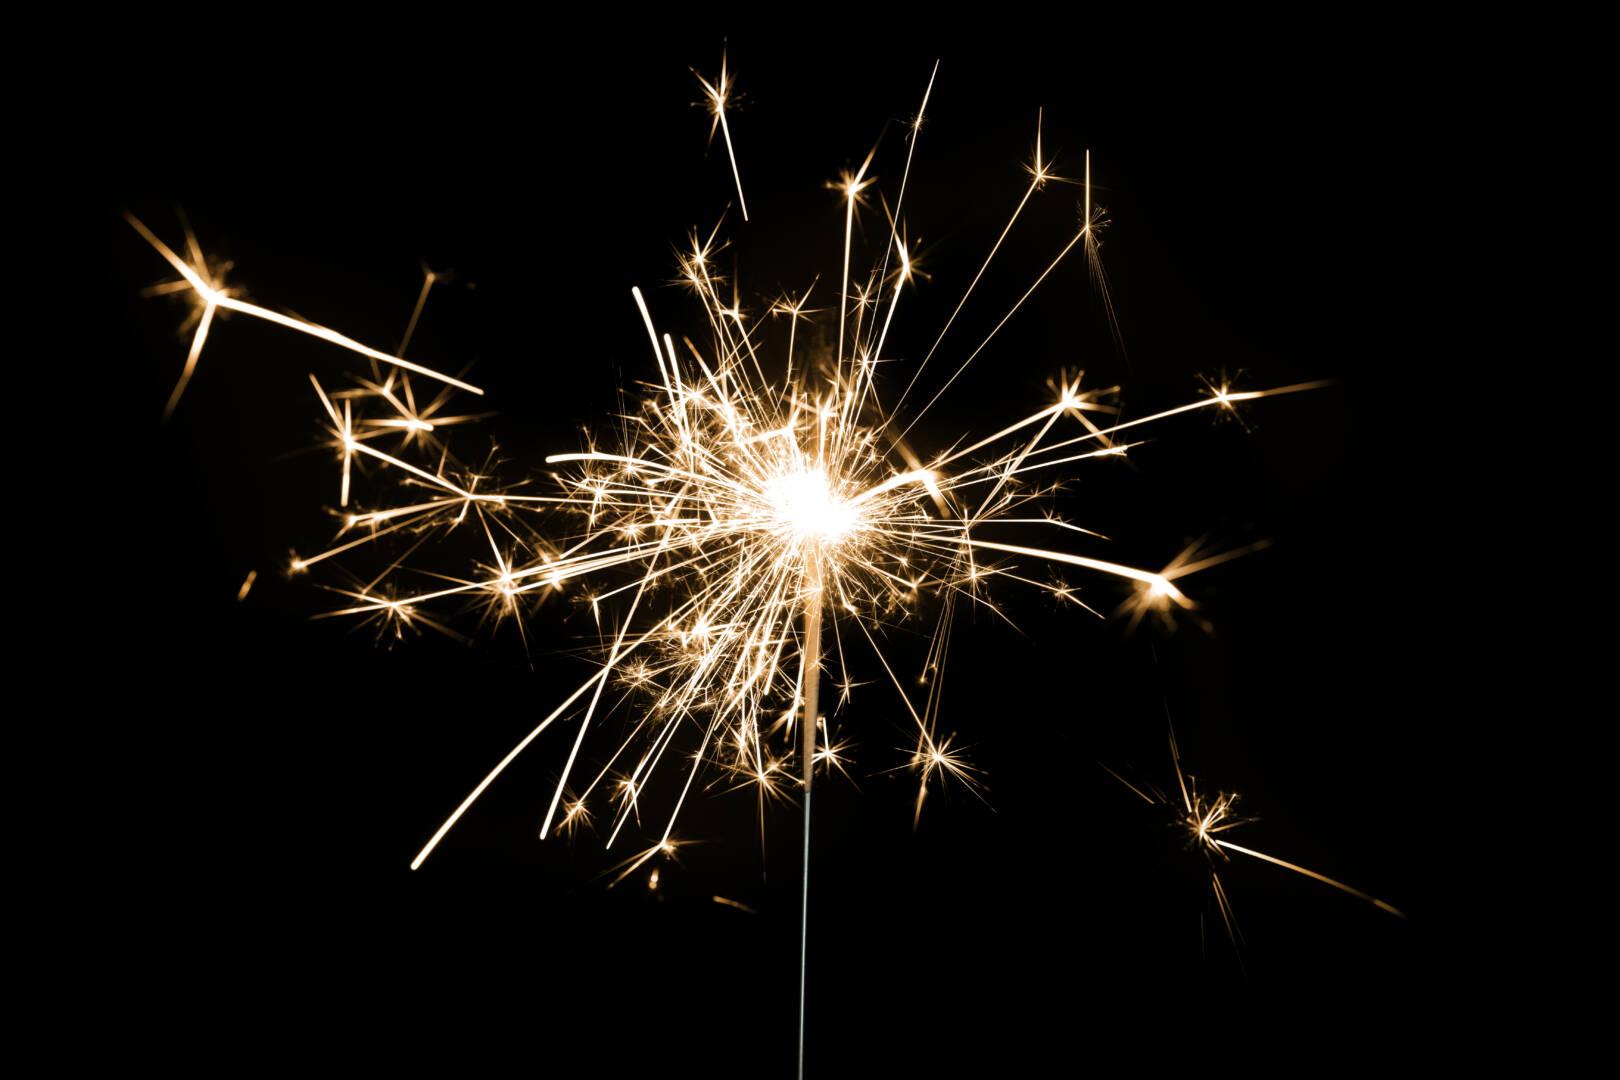 Burning sparkler on a black background wallpaper